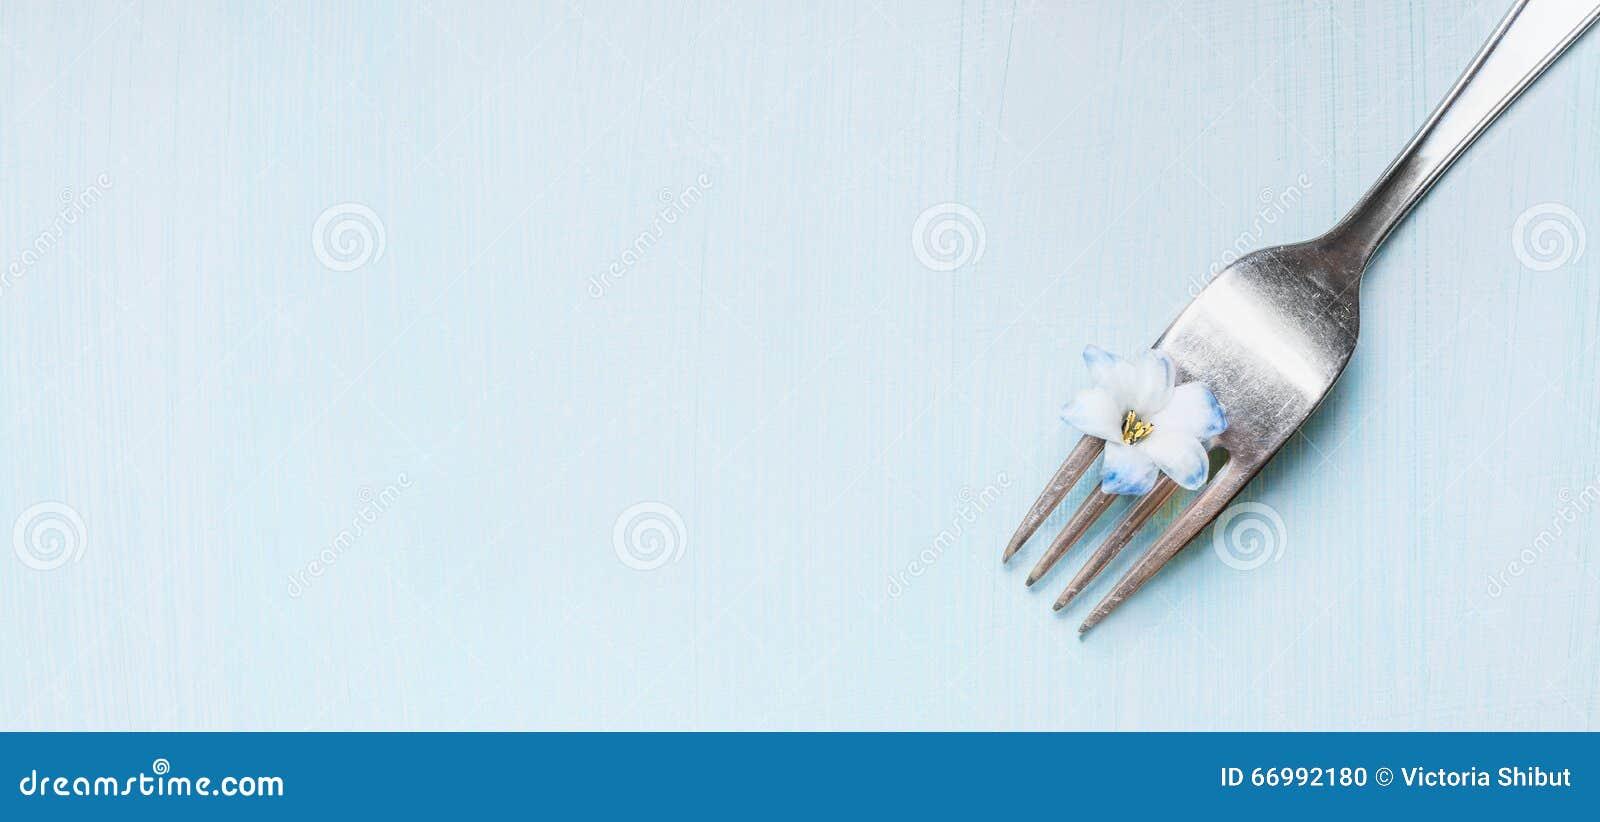 Δίκρανο με λίγο μπλε λουλούδι στο ανοικτό πράσινο shabby αγροτικό υπόβαθρο, τοπ άποψη